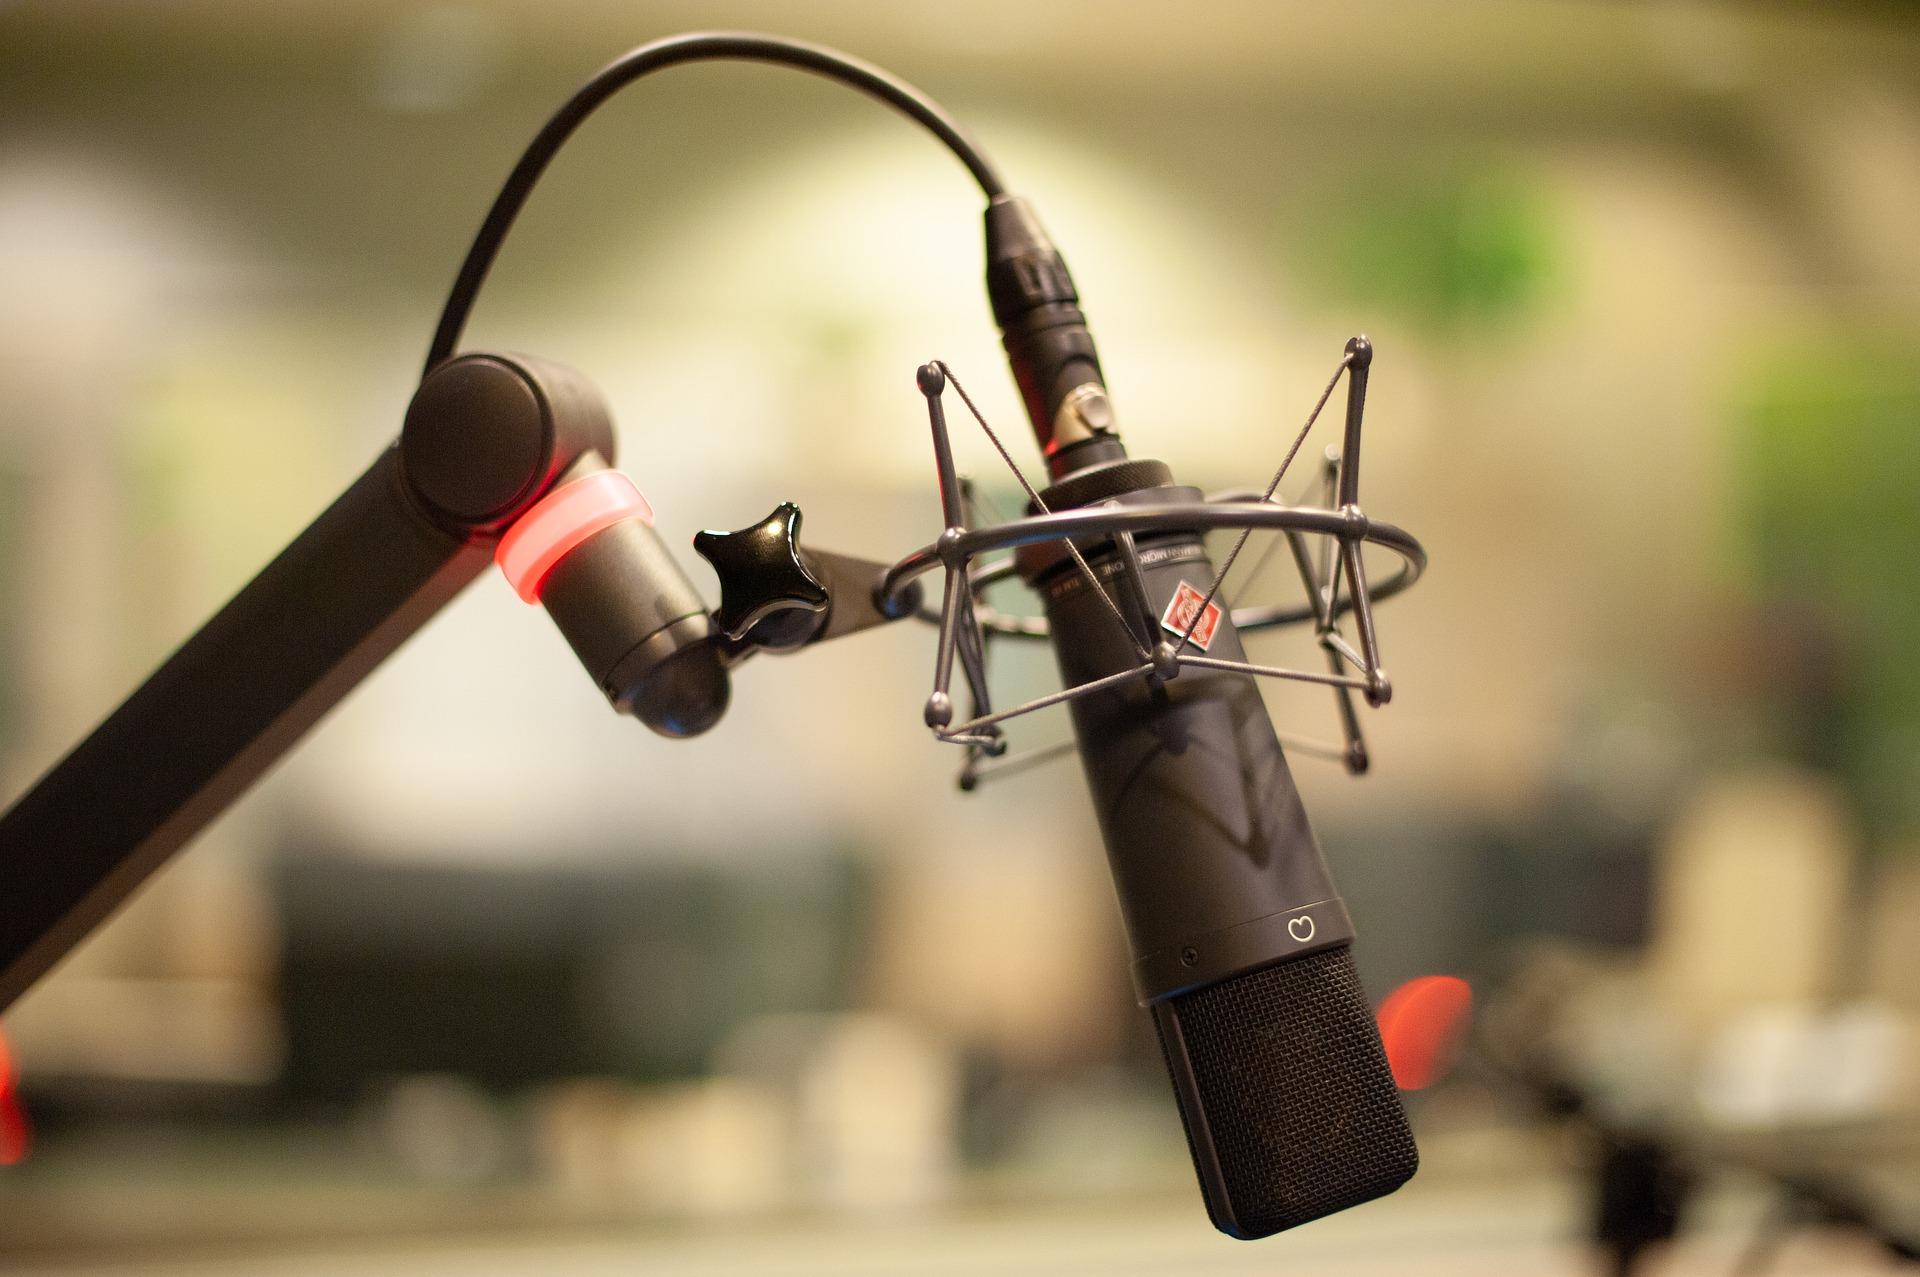 Redactie 'Geen 112' te gast bij Twente FM